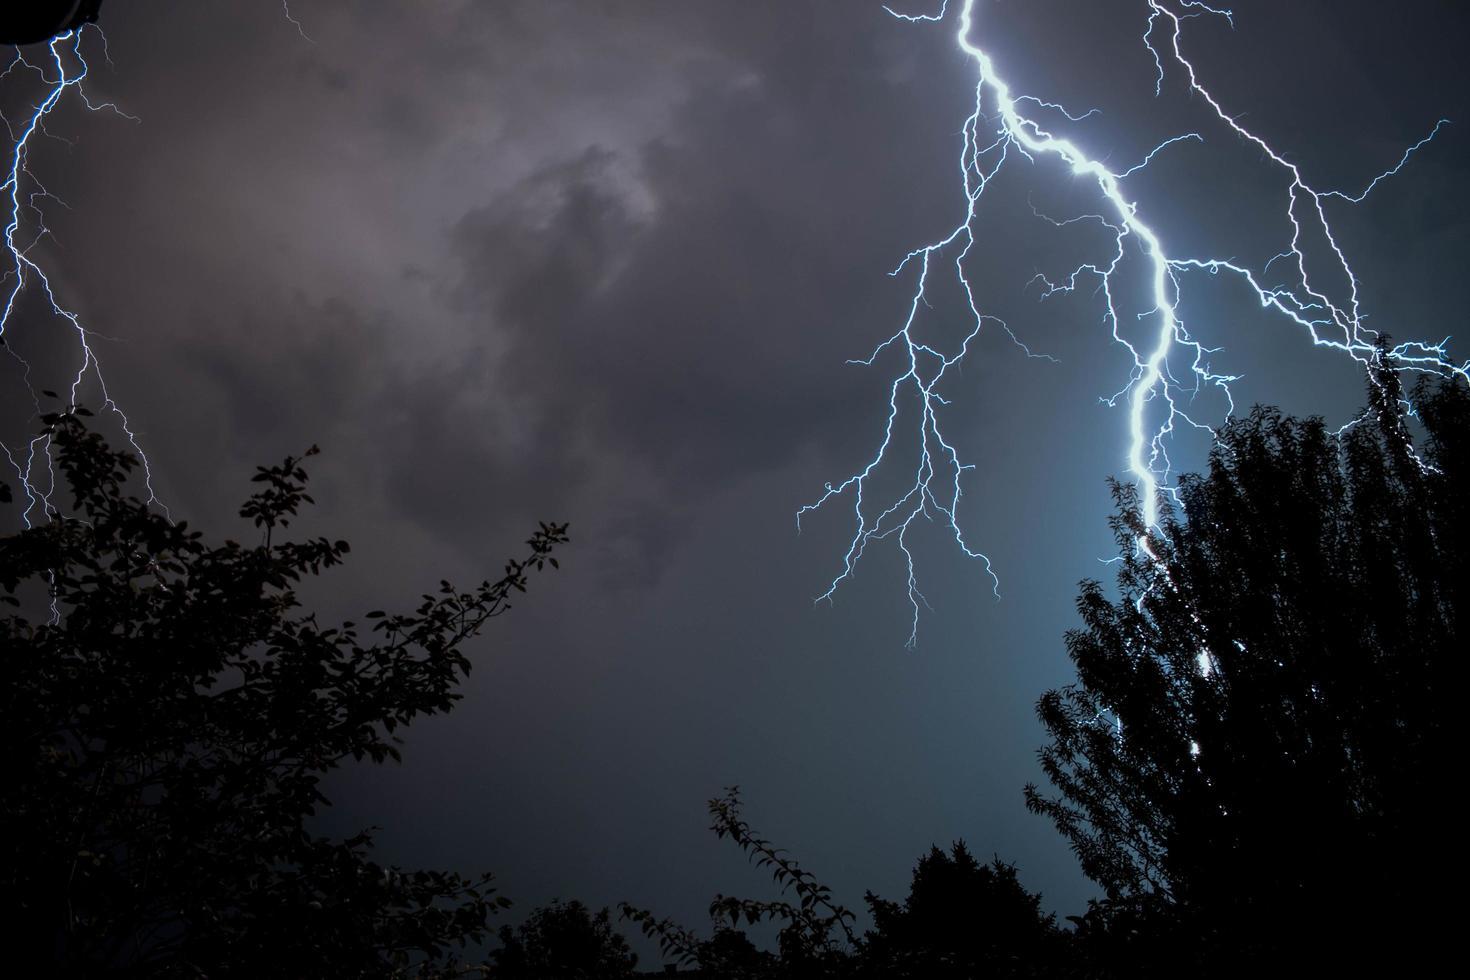 coup de foudre pendant un orage photo